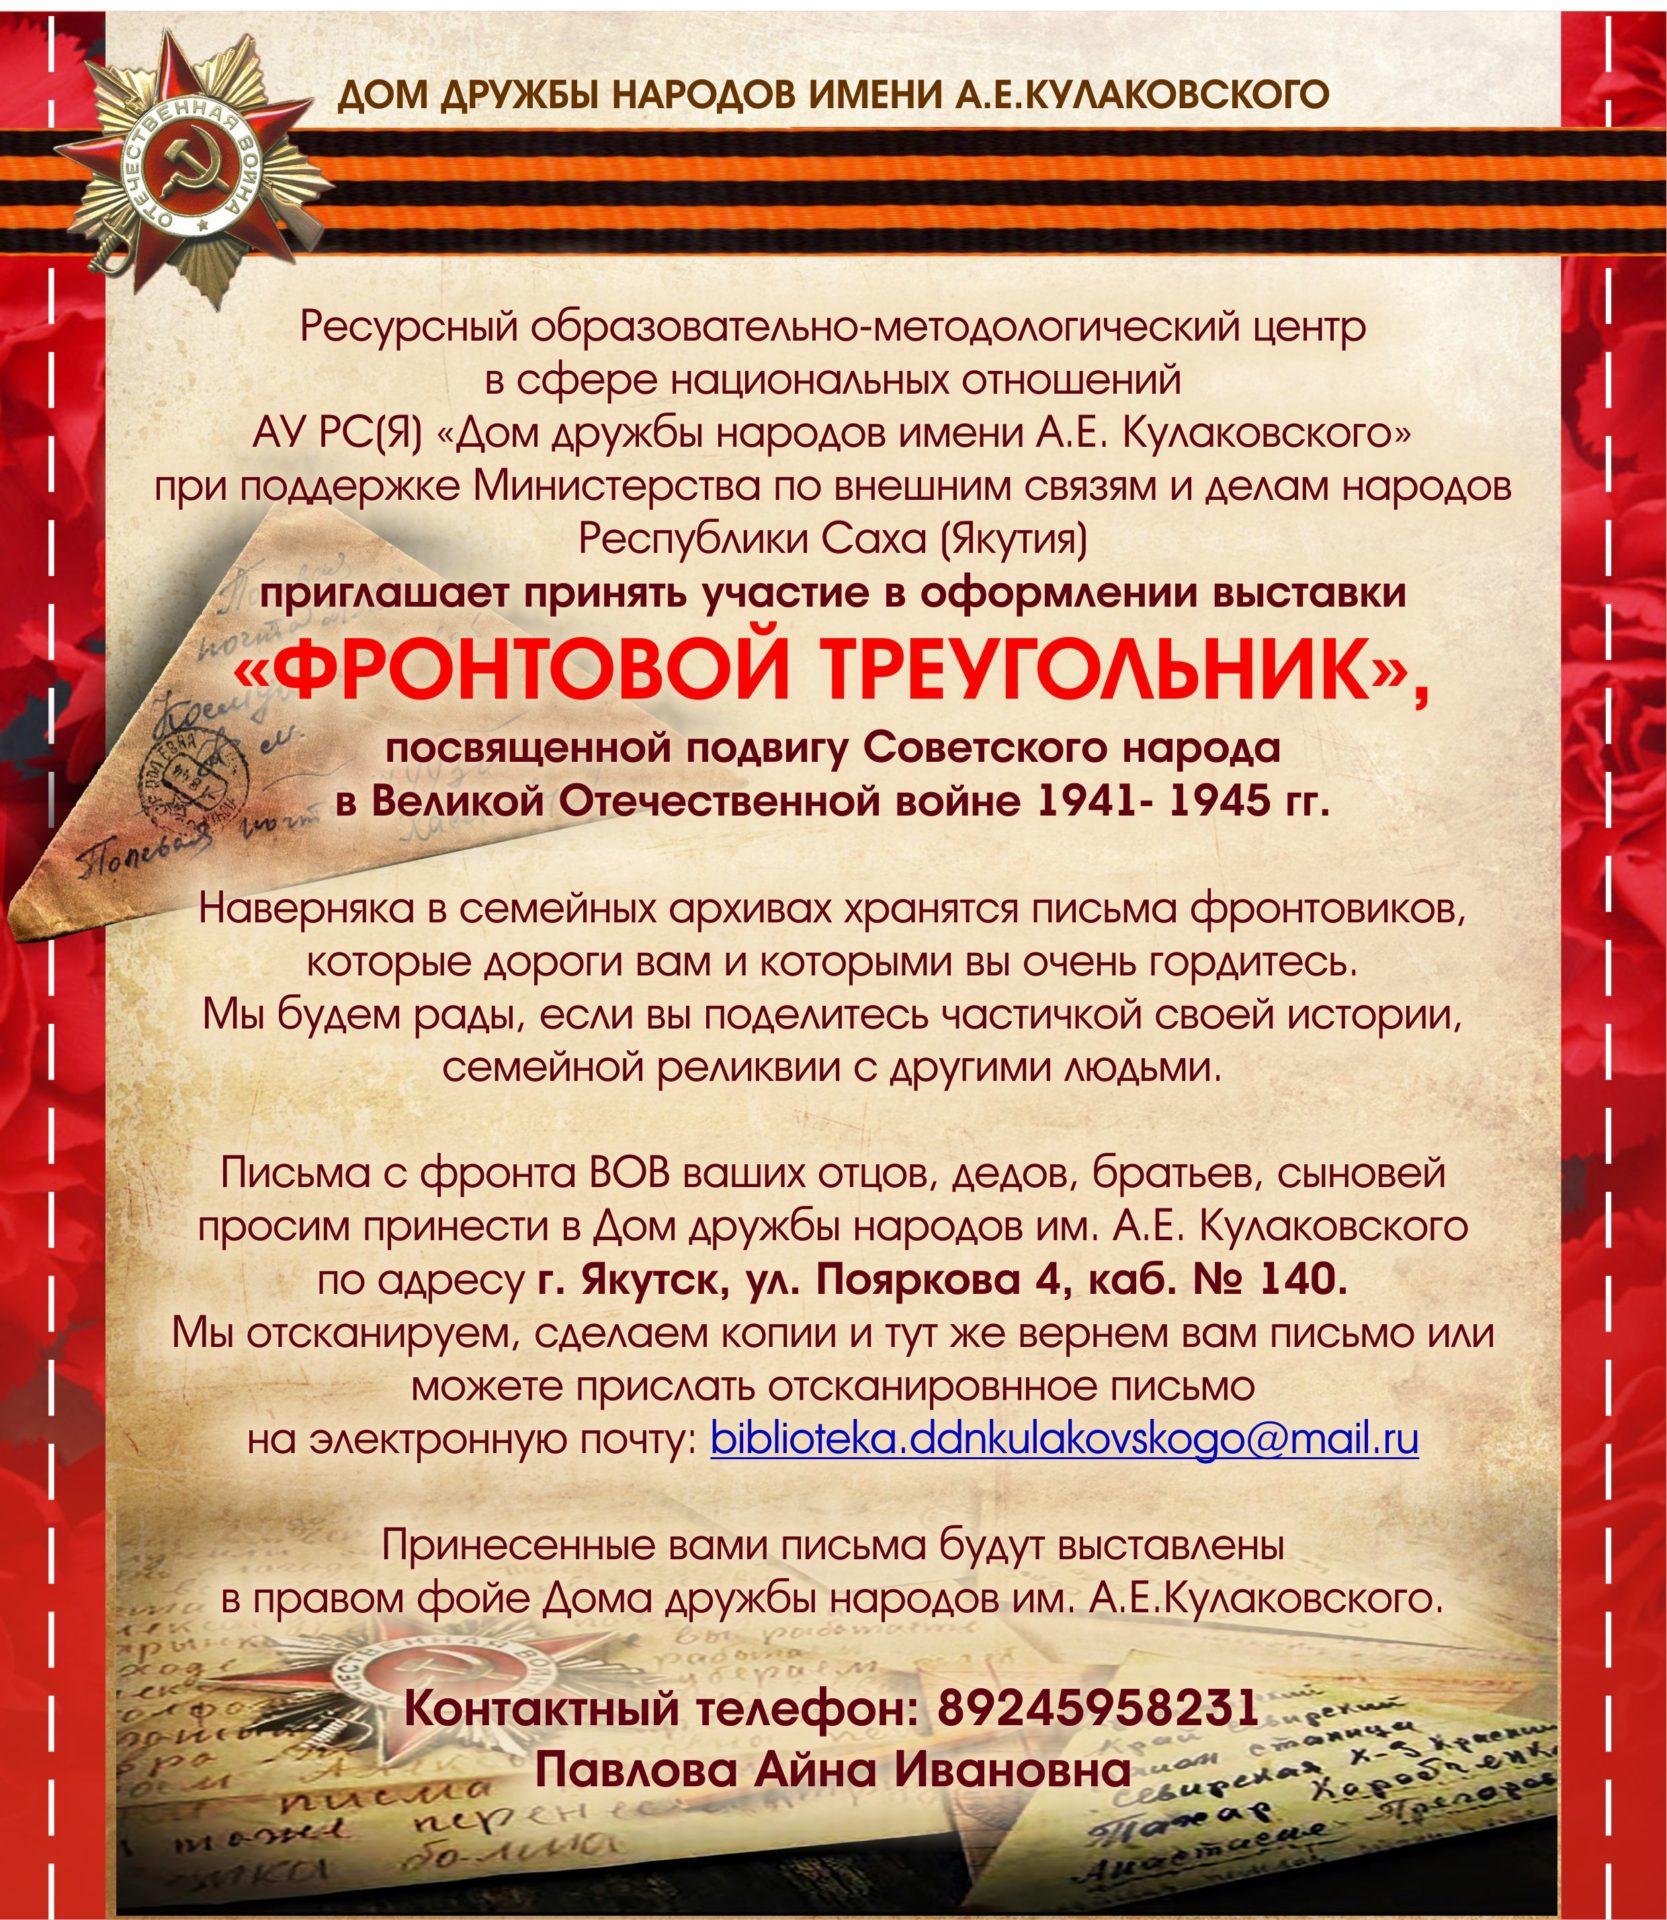 Выставка «Фронтовой треугольник»